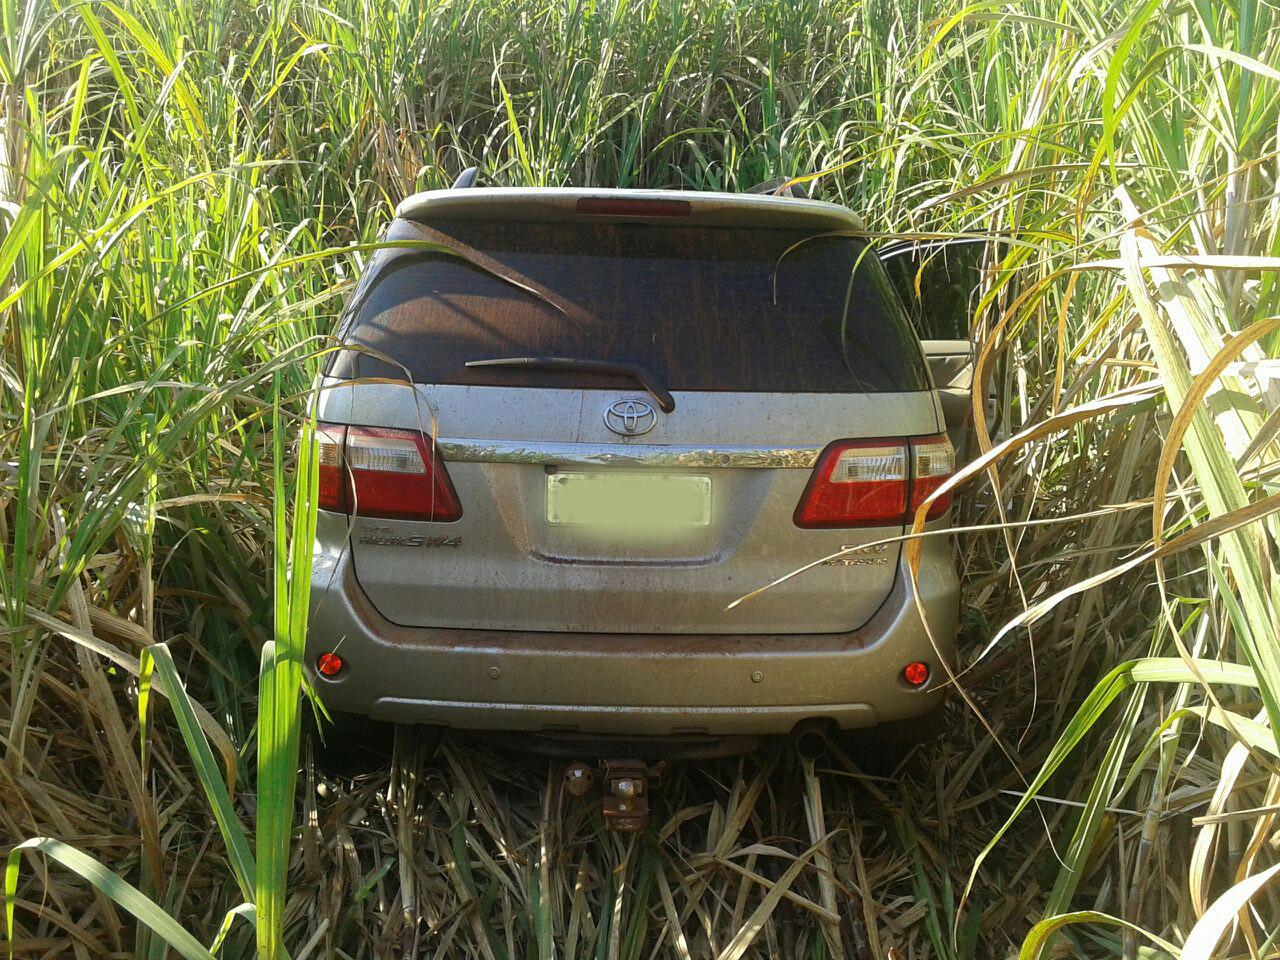 Veículo foi roubado do fazendeiro e foi encontrado pela Polícia